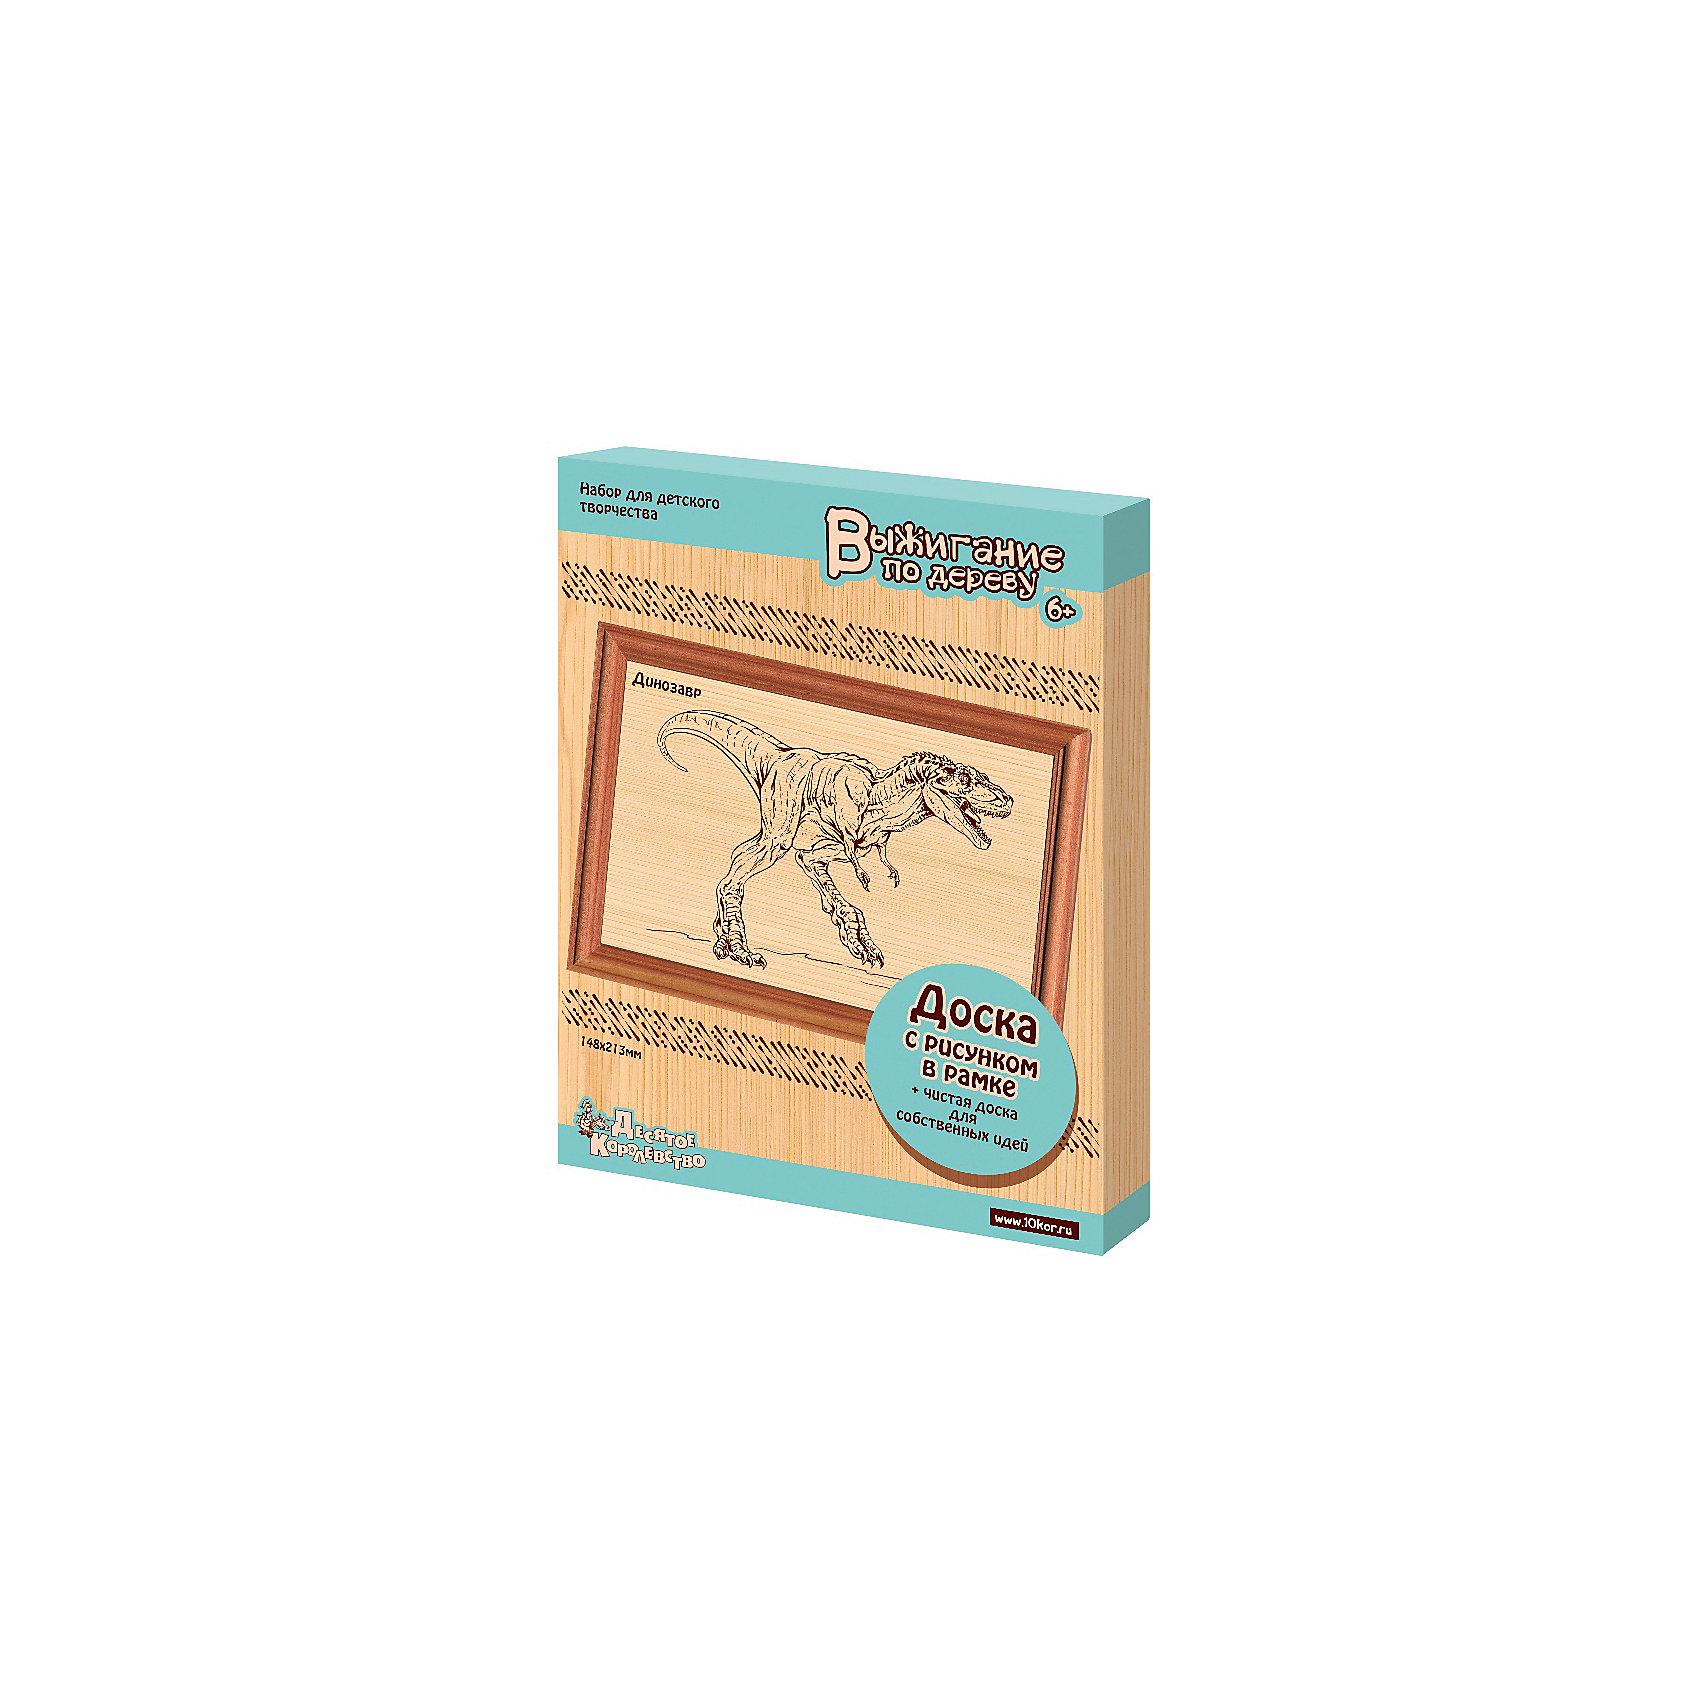 Доска для выжигания  Динозавр, Десятое королевствоРукоделие<br>Доска для выжигания Динозавр, Десятое королевство<br><br>Характеристики: <br><br>• В наборе: 1 фанерка с рисунком, 1 чистая<br>• Материал: шлифованная фанера<br>• Размер: 21Х15 см<br>• Толщина: 4мм<br>• Возраст: от 7 лет<br><br>Этот замечательный набор поможет ребенку освоить новую творческую деятельность - выжигание по дереву! Этот способ позволит быстро и легко сделать оригинальные подарки своим близким, развить мелкую моторику и научиться усидчивости и аккуратности. В набор входят 1 заготовка с нанесенными контурами и 1 фанерка без рисунка. Рисунки разработаны так, чтобы ребенок мог легко их повторить и почувствовать себя настоящим мастером.<br><br>Доска для выжигания Динозавр, Десятое королевство можно купить в нашем интернет-магазине.<br><br>Ширина мм: 250<br>Глубина мм: 187<br>Высота мм: 25<br>Вес г: 286<br>Возраст от месяцев: 84<br>Возраст до месяцев: 2147483647<br>Пол: Унисекс<br>Возраст: Детский<br>SKU: 5471616